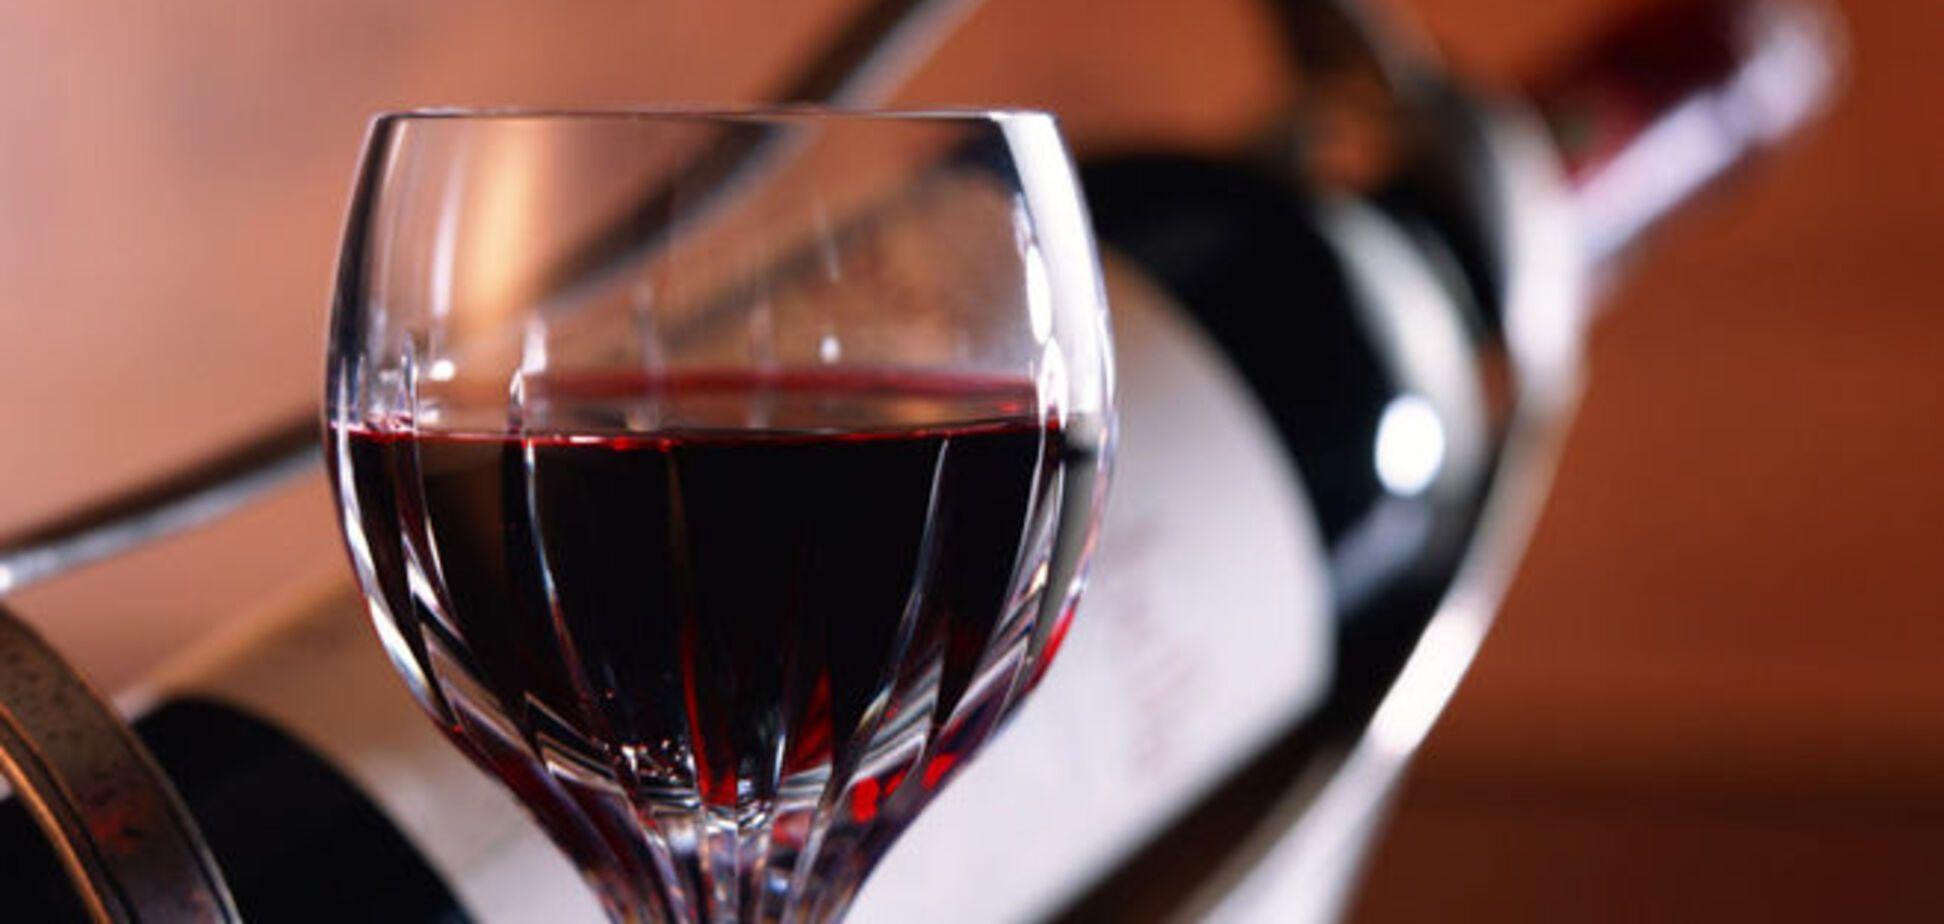 Топ-5 советов, как защититься от радиации: пейте вино и забудьте о кондиционерах